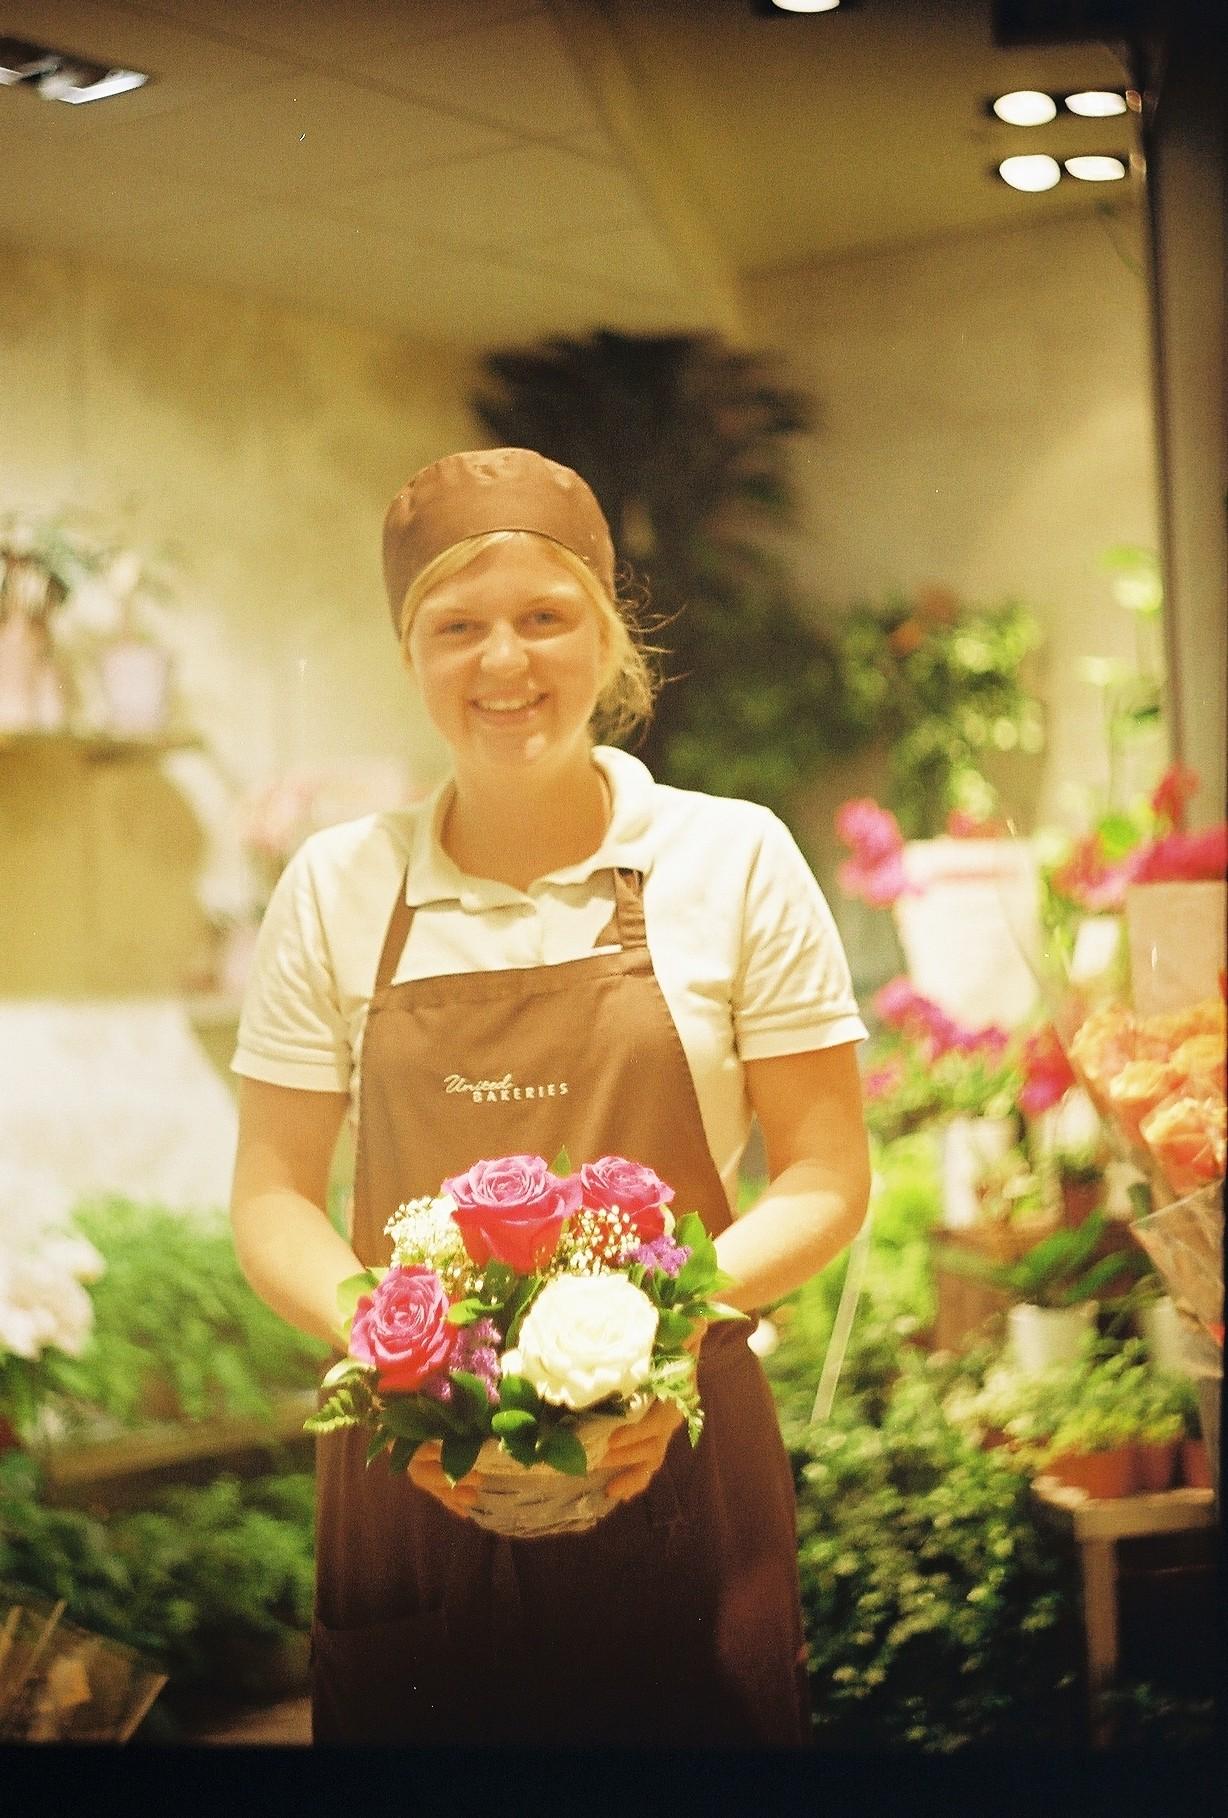 fleuriste bouquet couronne belgique.jpg